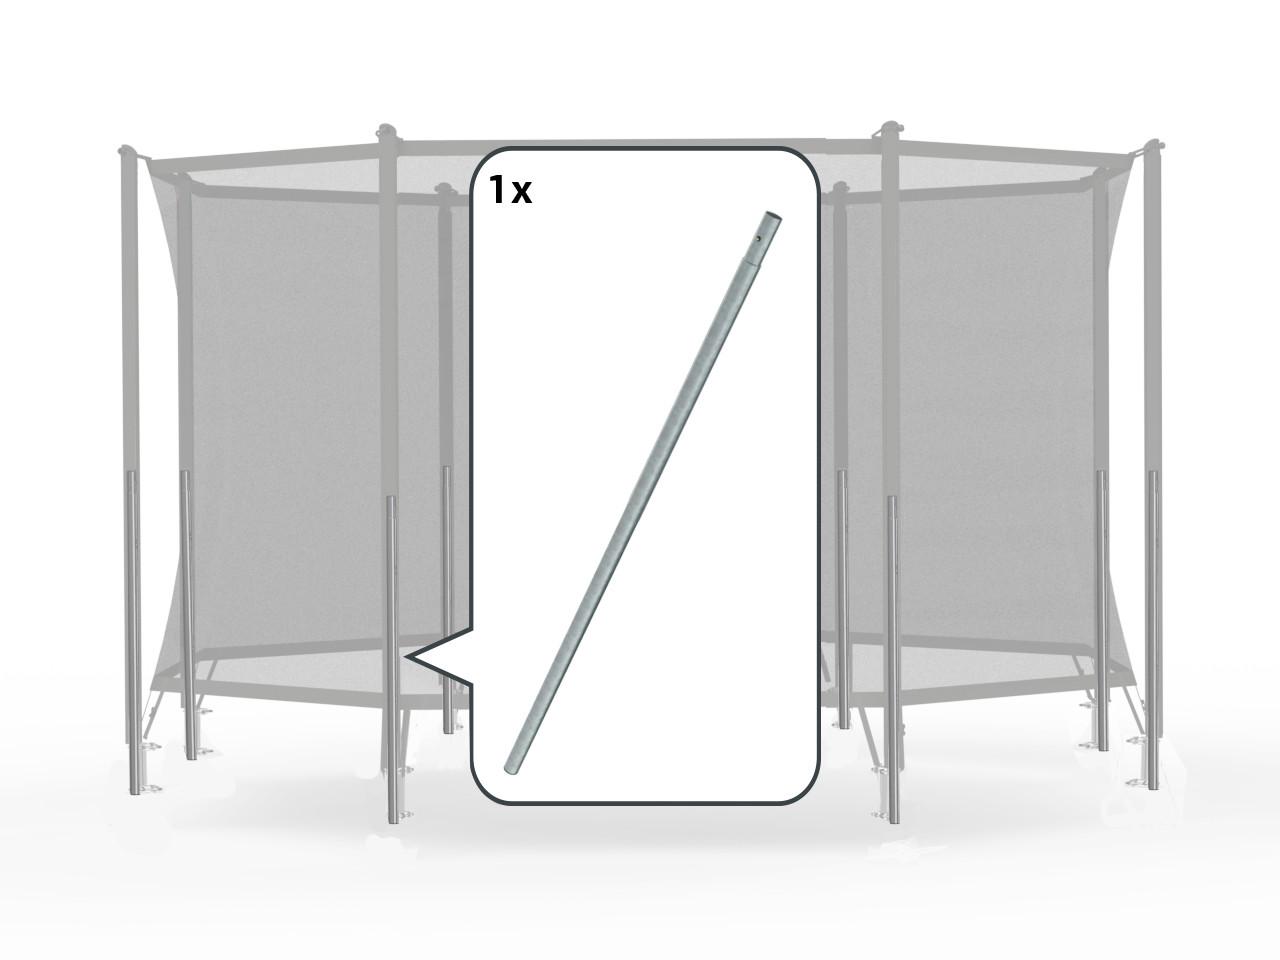 Safety Net Comfort - Lower tube + springbracket